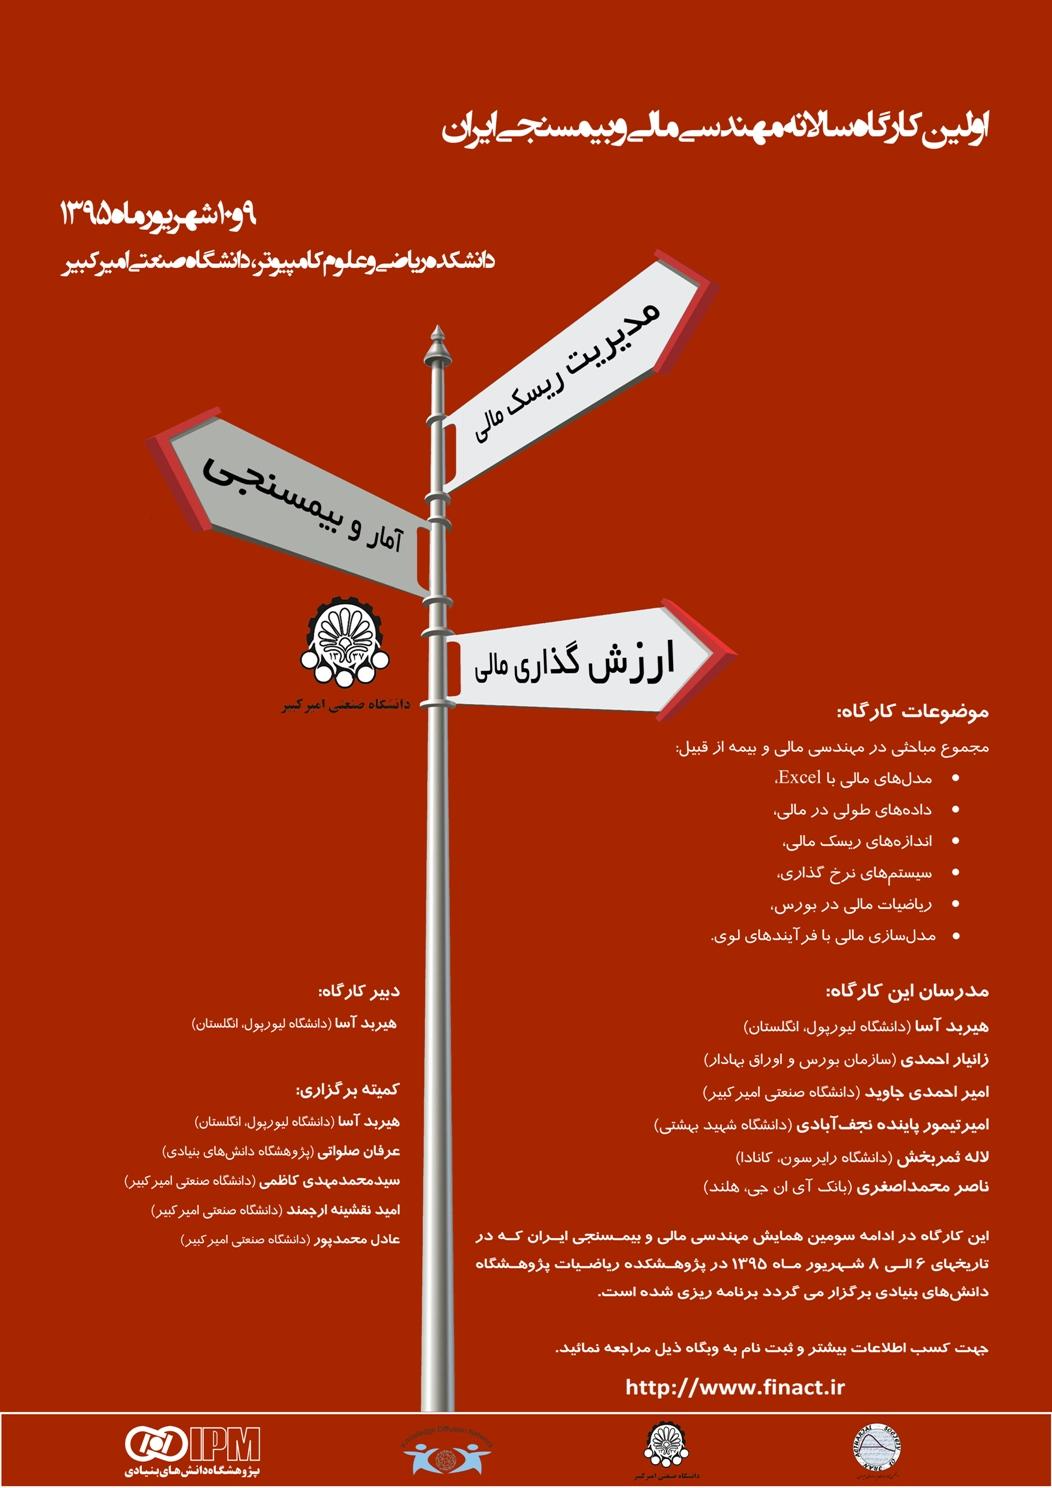 اولین کارگاه سالانه مهندسی مالی و بیمسنجی ایران